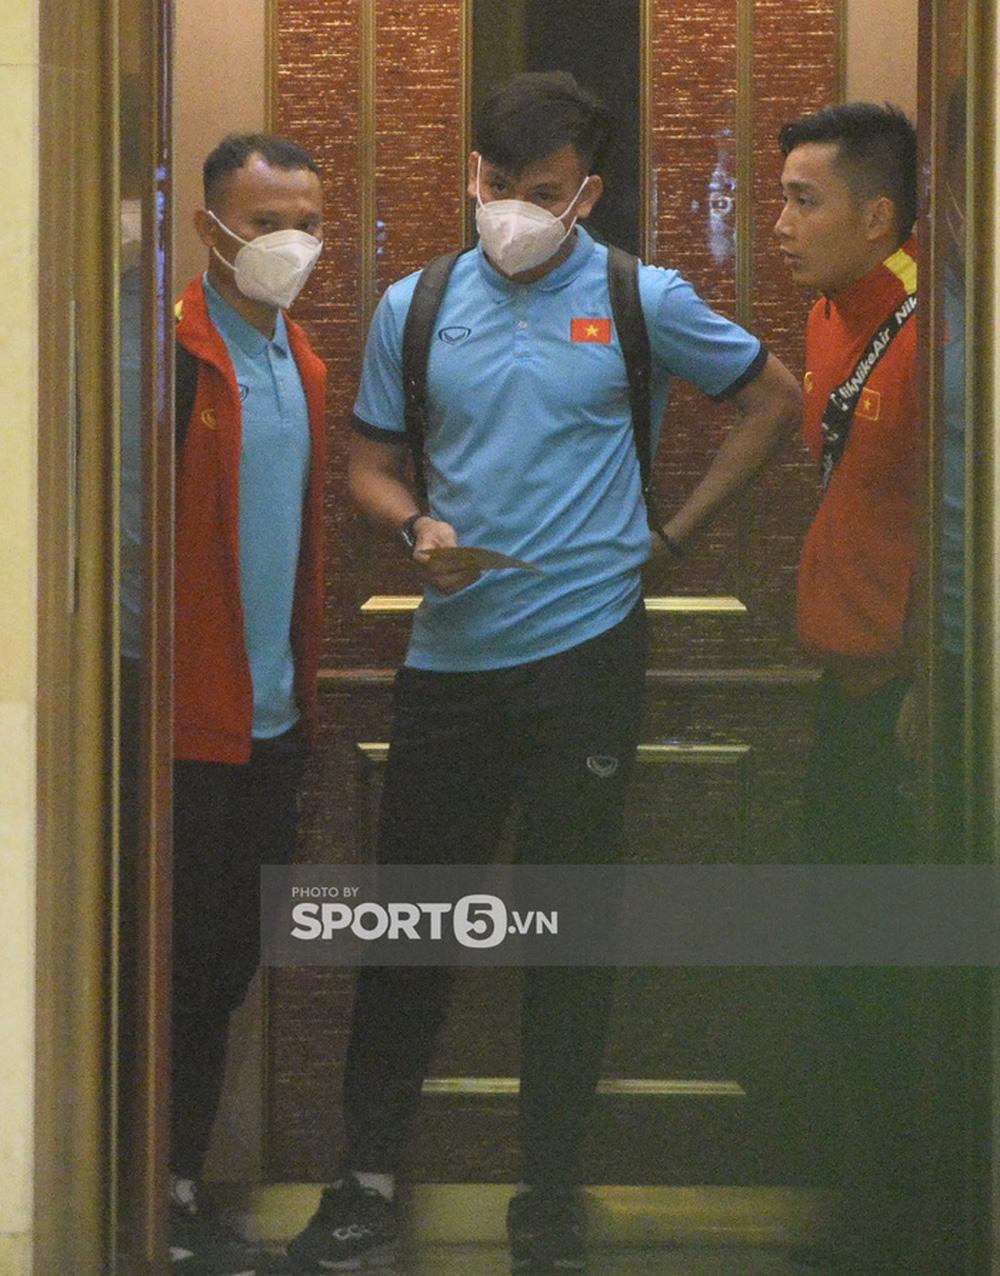 Duy Mạnh bật cười vì suýt đi nhầm thang máy, Đức Chinh nhanh nhảu xí chỗ đẹp khi chụp ảnh - Ảnh 6.